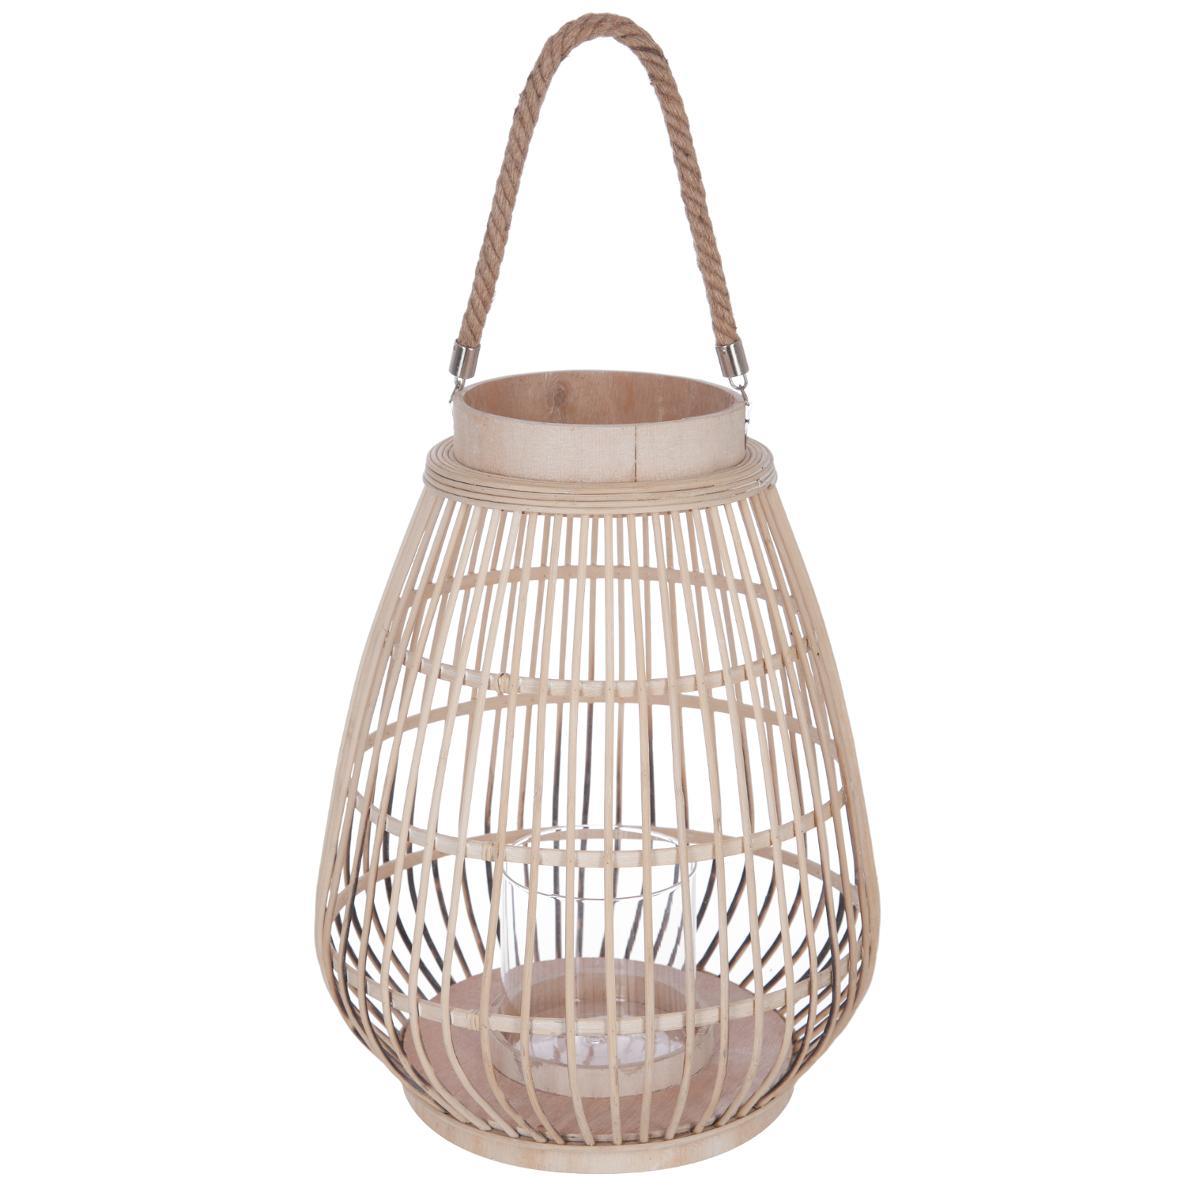 Lanterne rattan + verre D35XH44